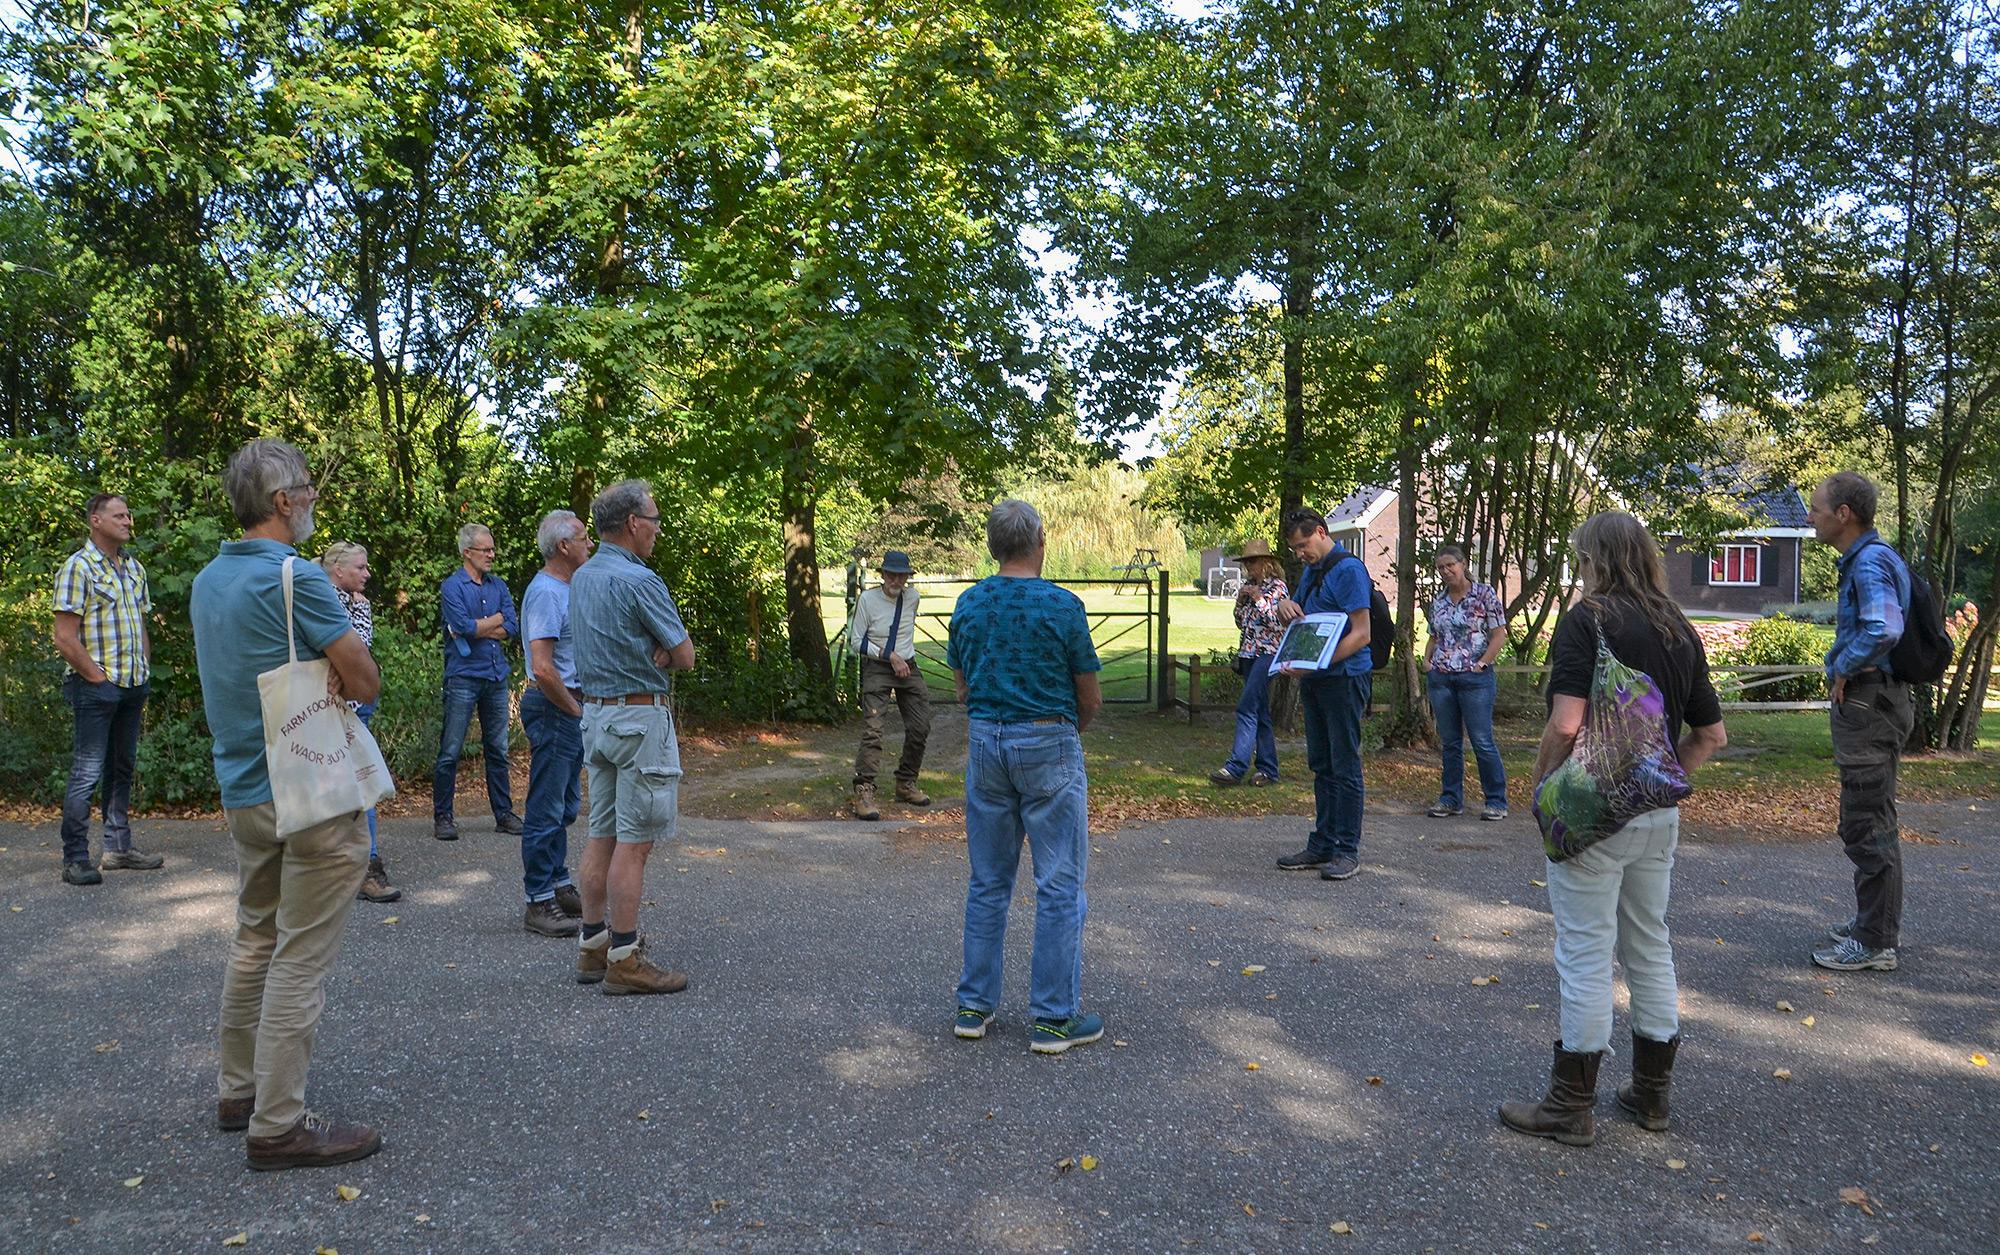 Buur maakt Natuur vrijwilligersmiddag De Zumpe - Stef Veldkamp